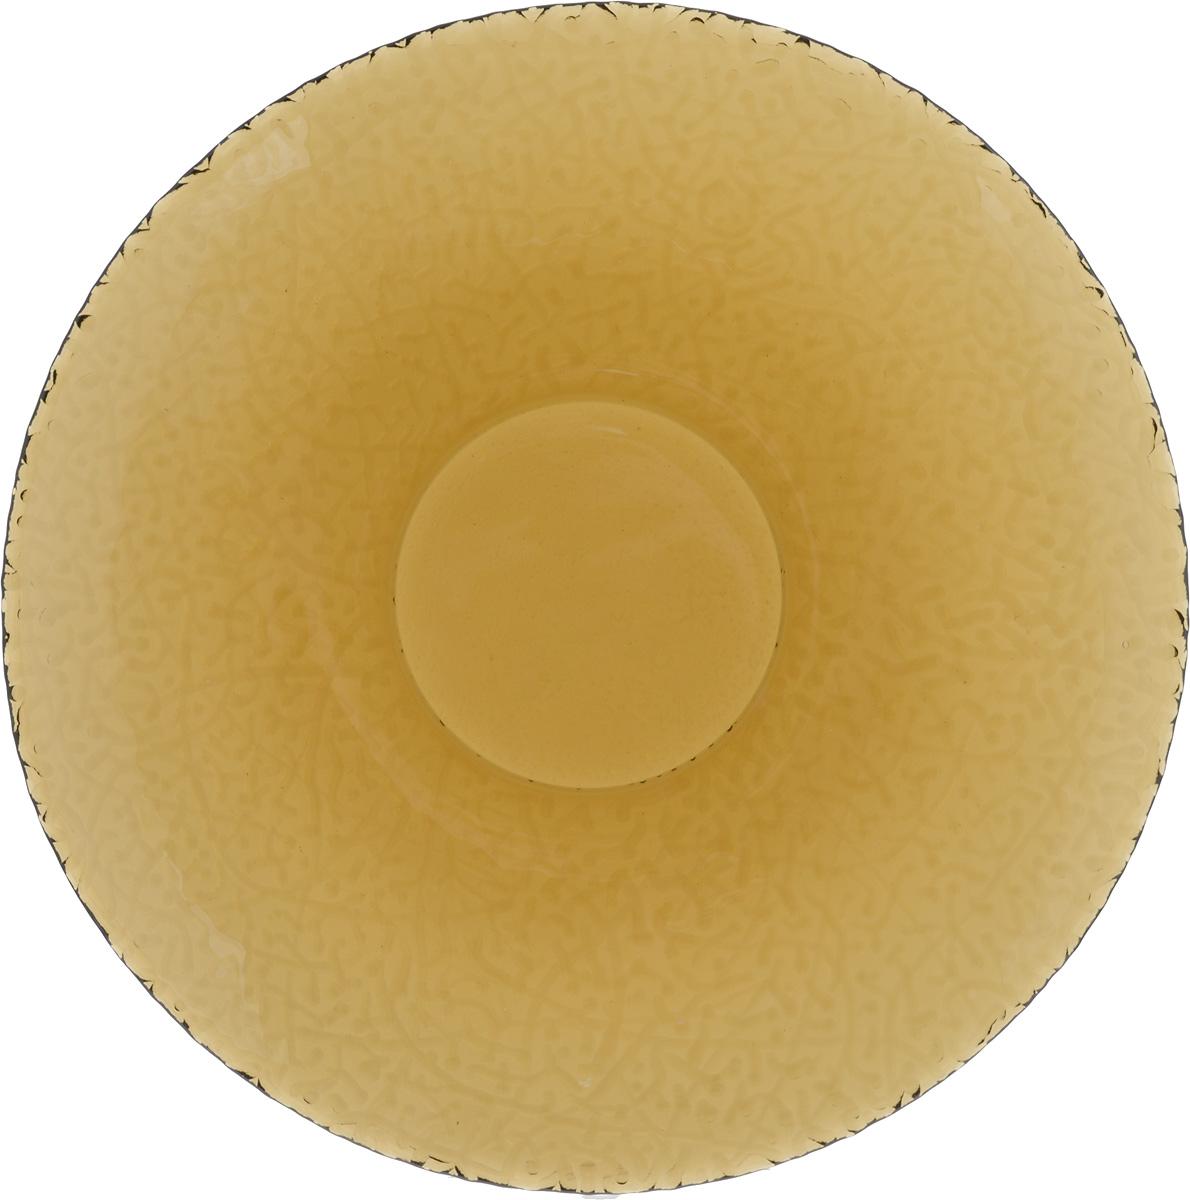 Тарелка NiNaGlass Ажур, цвет: дымчатый, диаметр 26 см890158Тарелка NiNaGlass Ажур выполнена из высококачественного стекла и имеет рельефную внешнюю поверхность. Она прекрасно впишется в интерьер вашей кухни и станет достойным дополнением к кухонному инвентарю. Тарелка NiNaGlass Ажур подчеркнет прекрасный вкус хозяйки и станет отличным подарком.Диаметр тарелки: 26 см.Высота: 3 см.